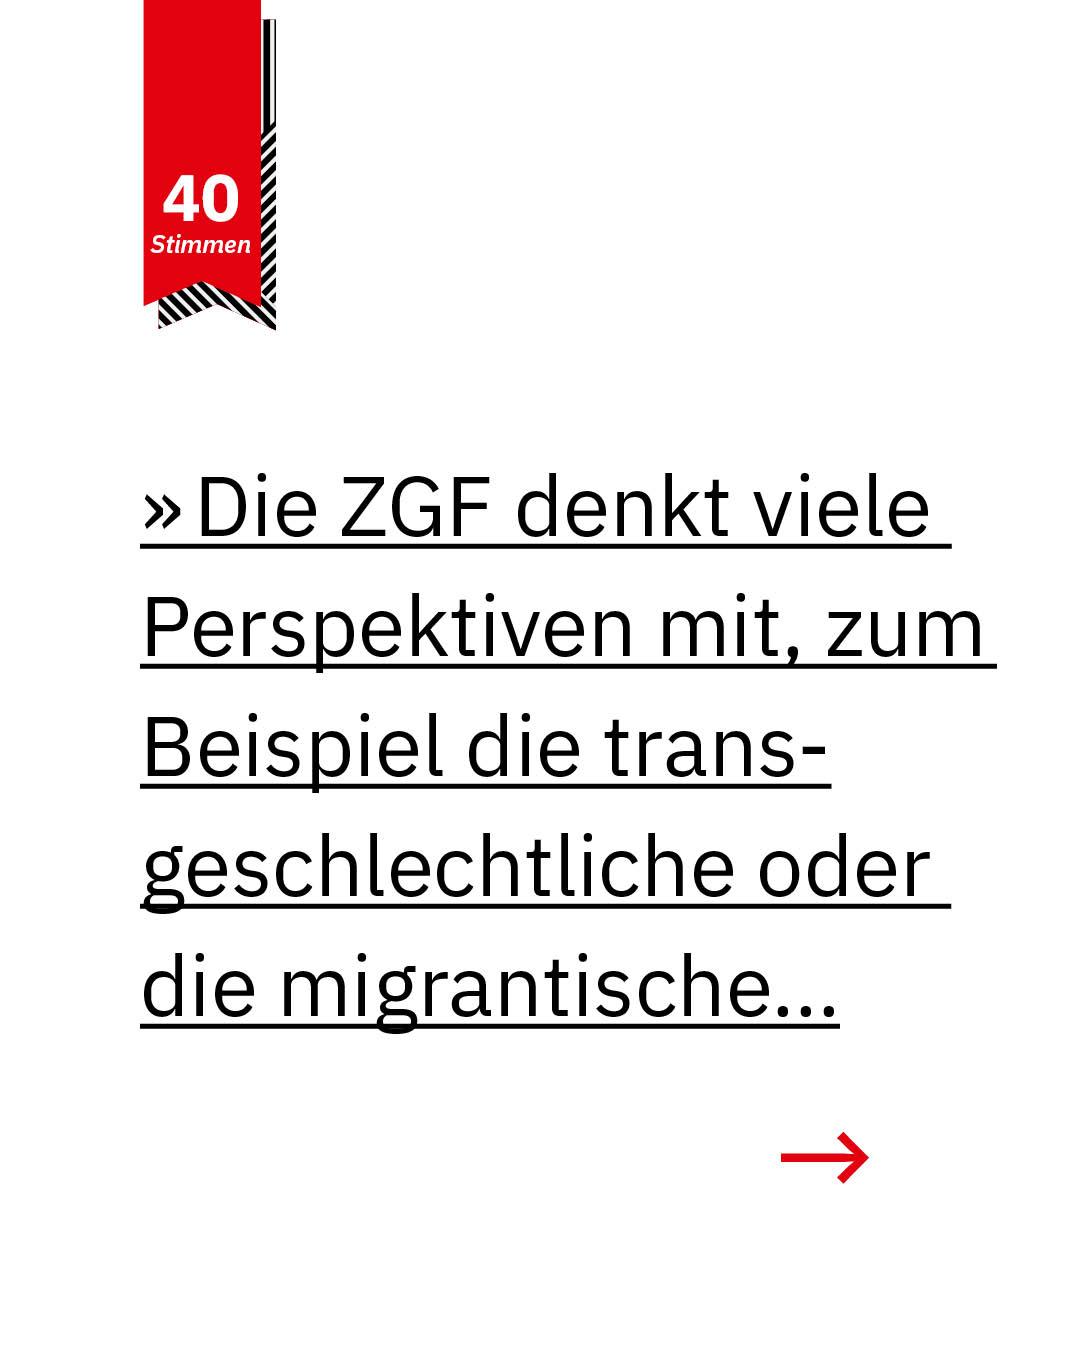 Statement 40 Jahre Gleichberechtigung,Maja Tegeler, MdBB, Die Linke